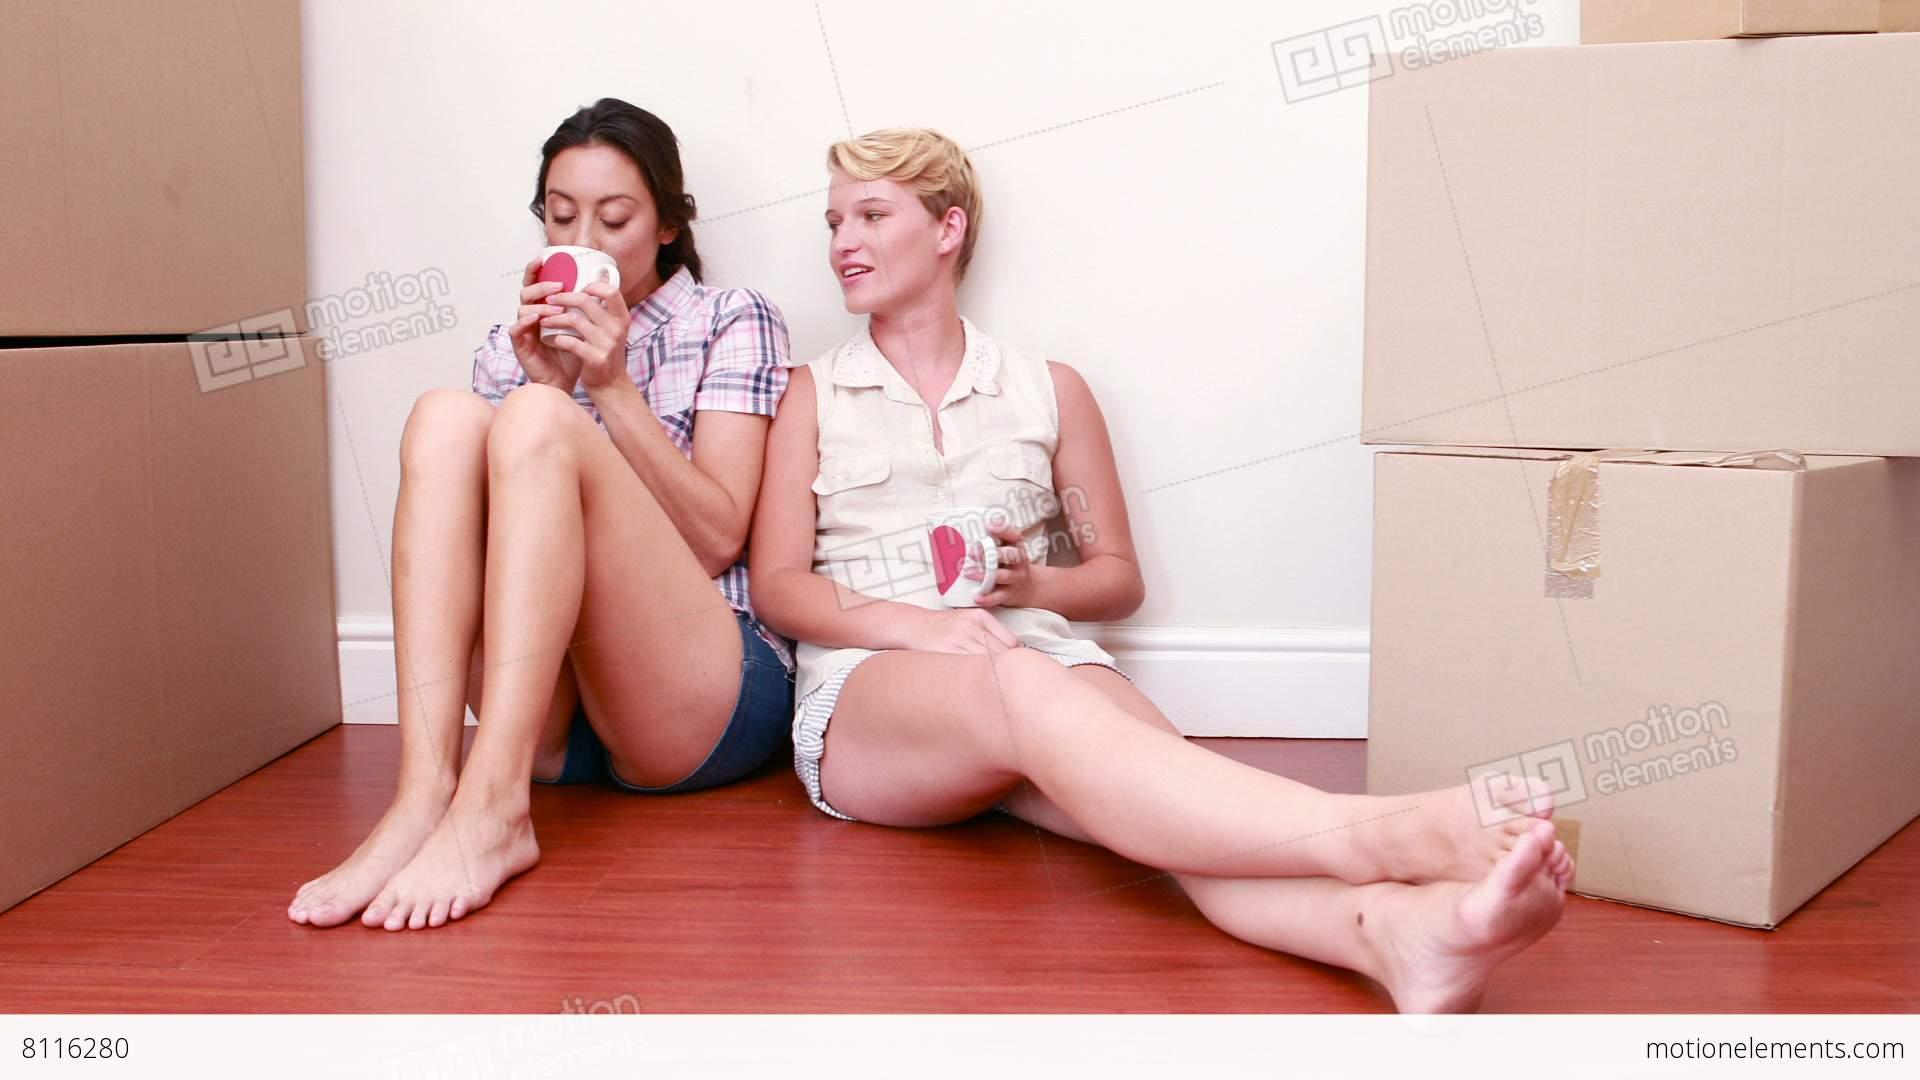 Lesbian online networking